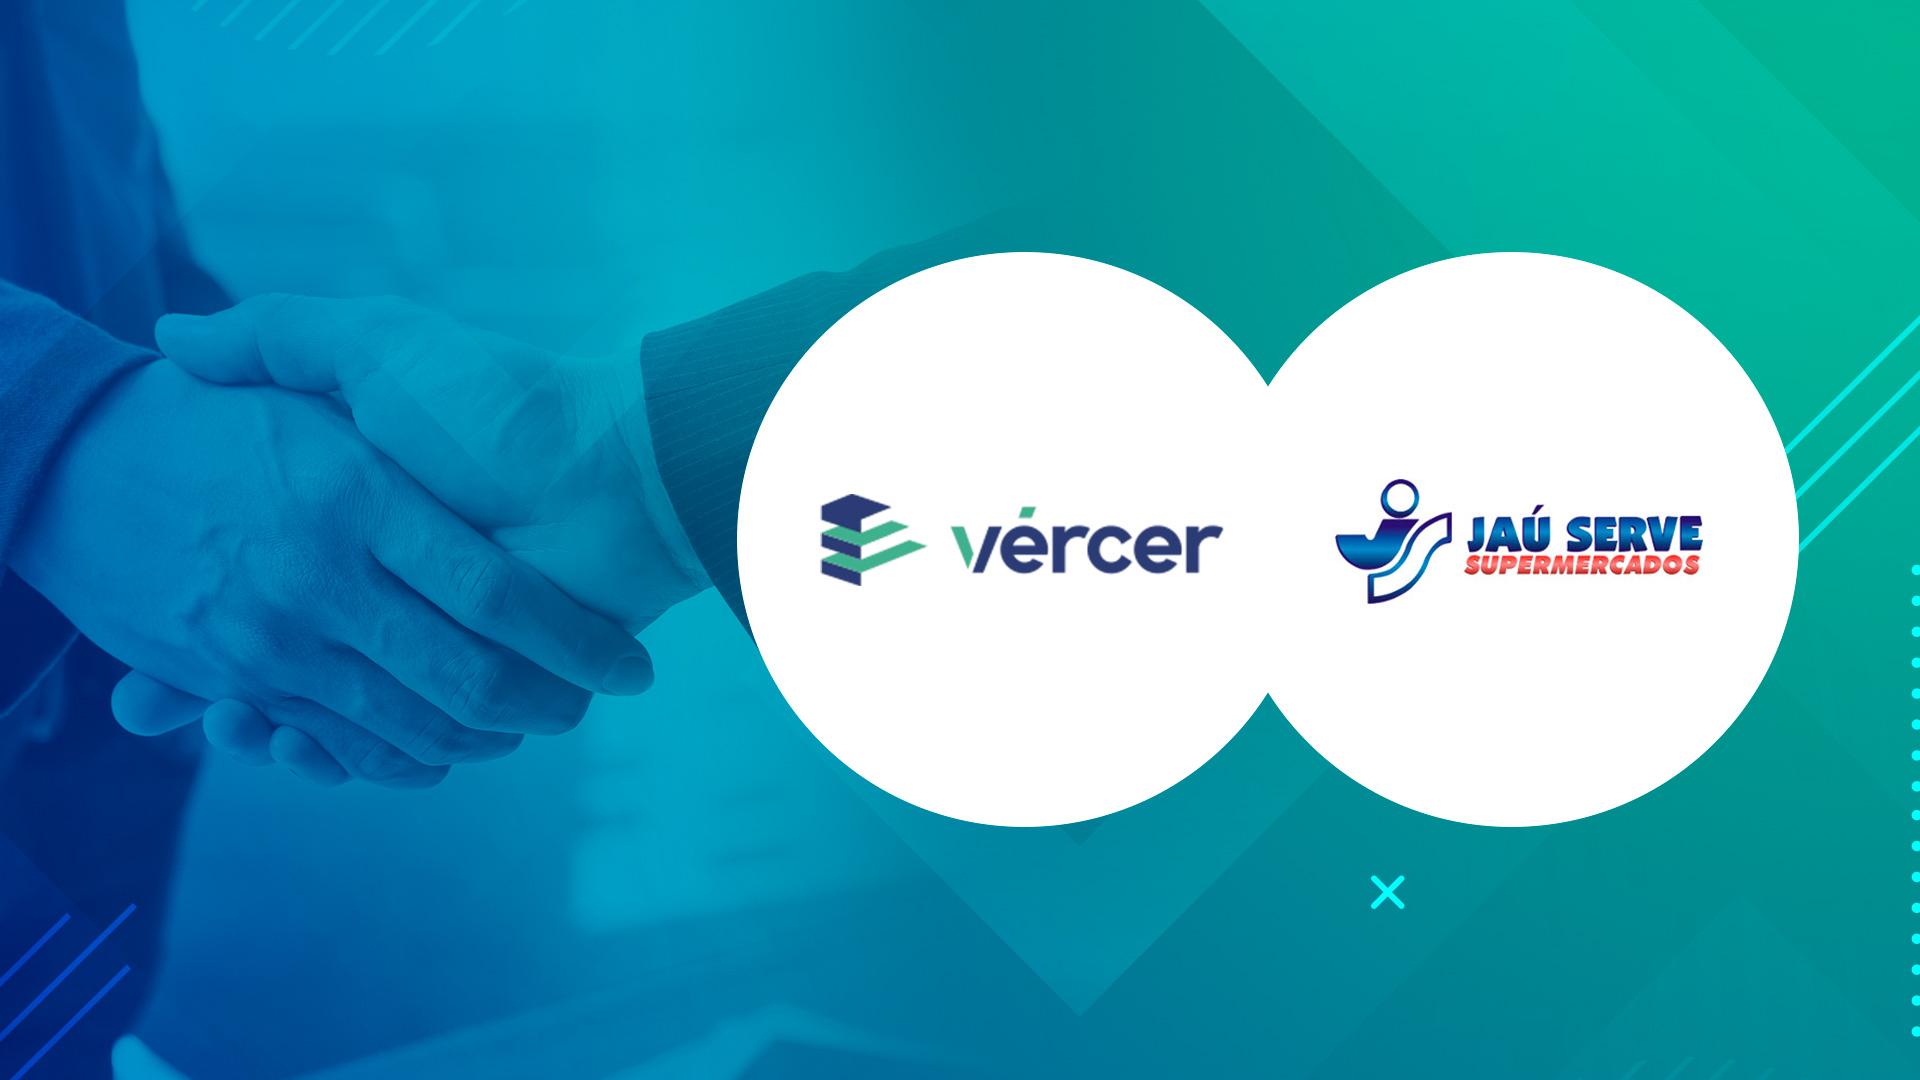 Vércer fecha super parceria com o Supermercados Jaú Serve